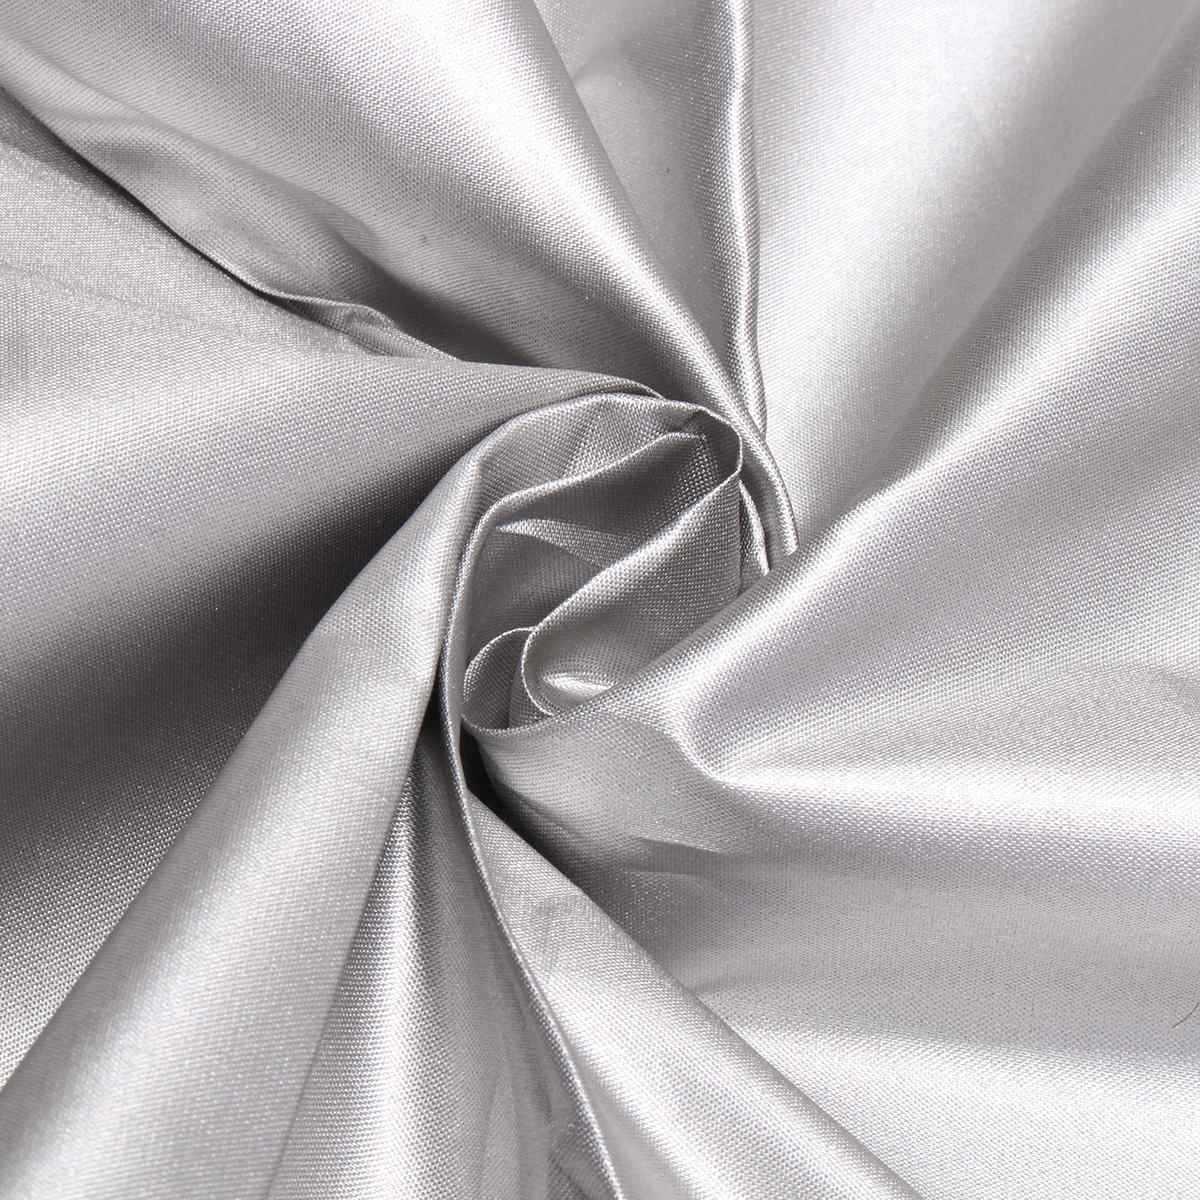 Oxford Tuch Möbel Staubdicht Abdeckung Für Rattan Tisch Stuhl Sofa Wasserdichte Regen Garten Terrasse Schutzhülle